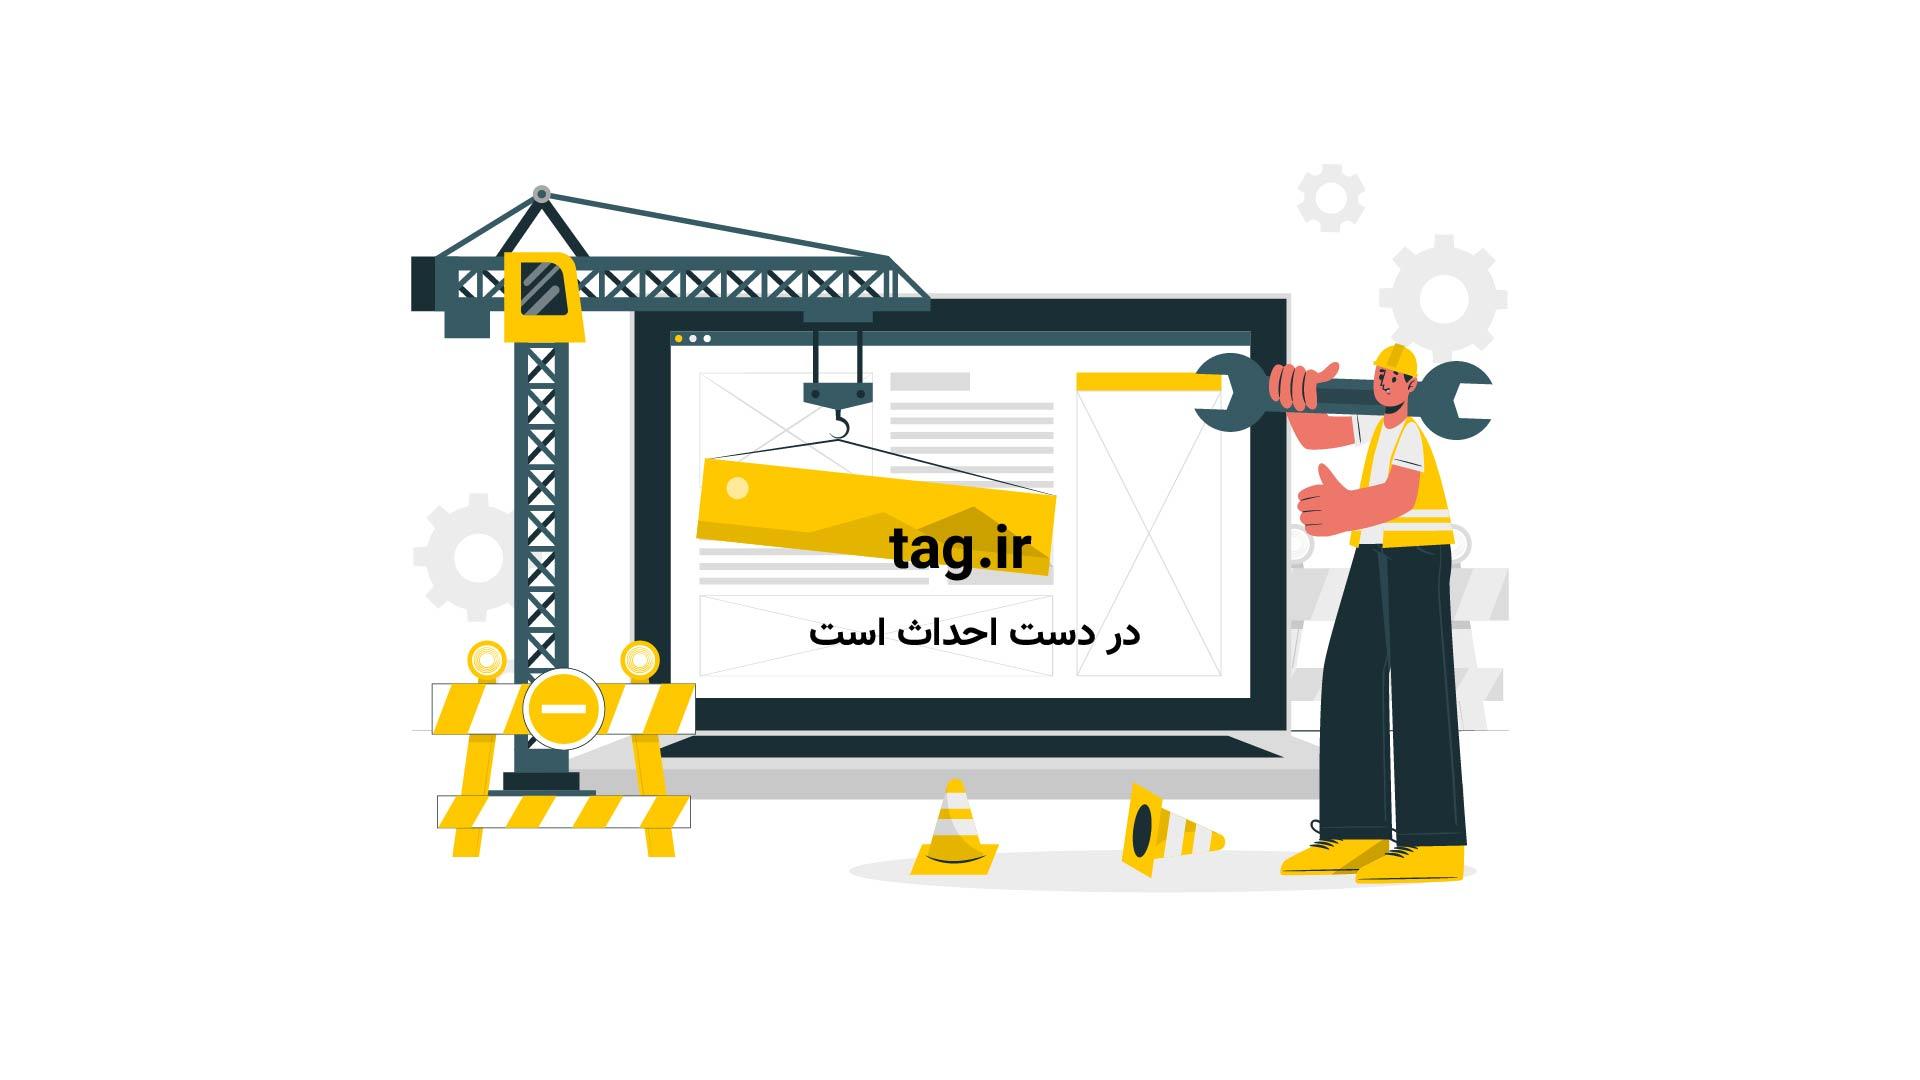 سخنرانیهای تد؛ مردمی که با کمترین امکانات برای خود سرپناه میسازند   فیلم